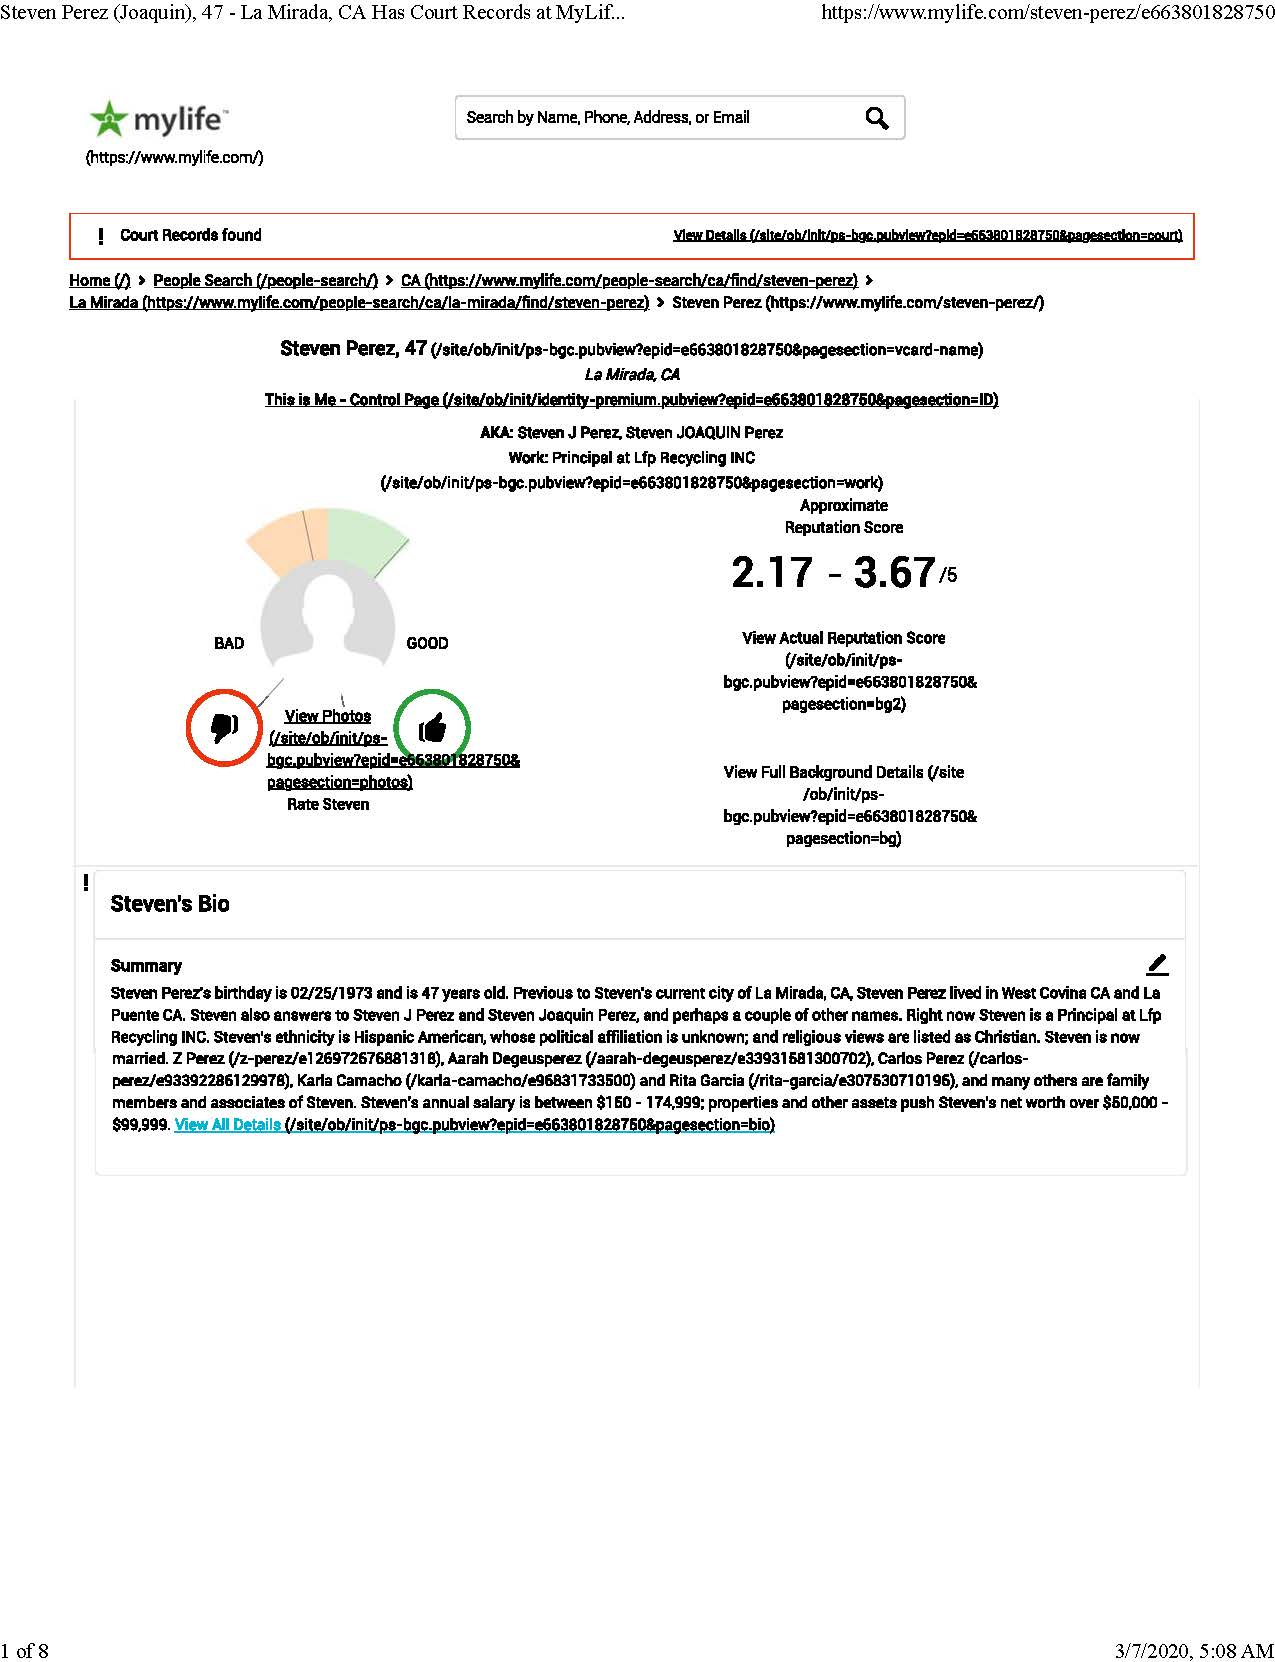 steven-perez-joaquin-47-mylife-page-186E406B5-0A39-47F8-0A68-980B0CBF5A34.jpg